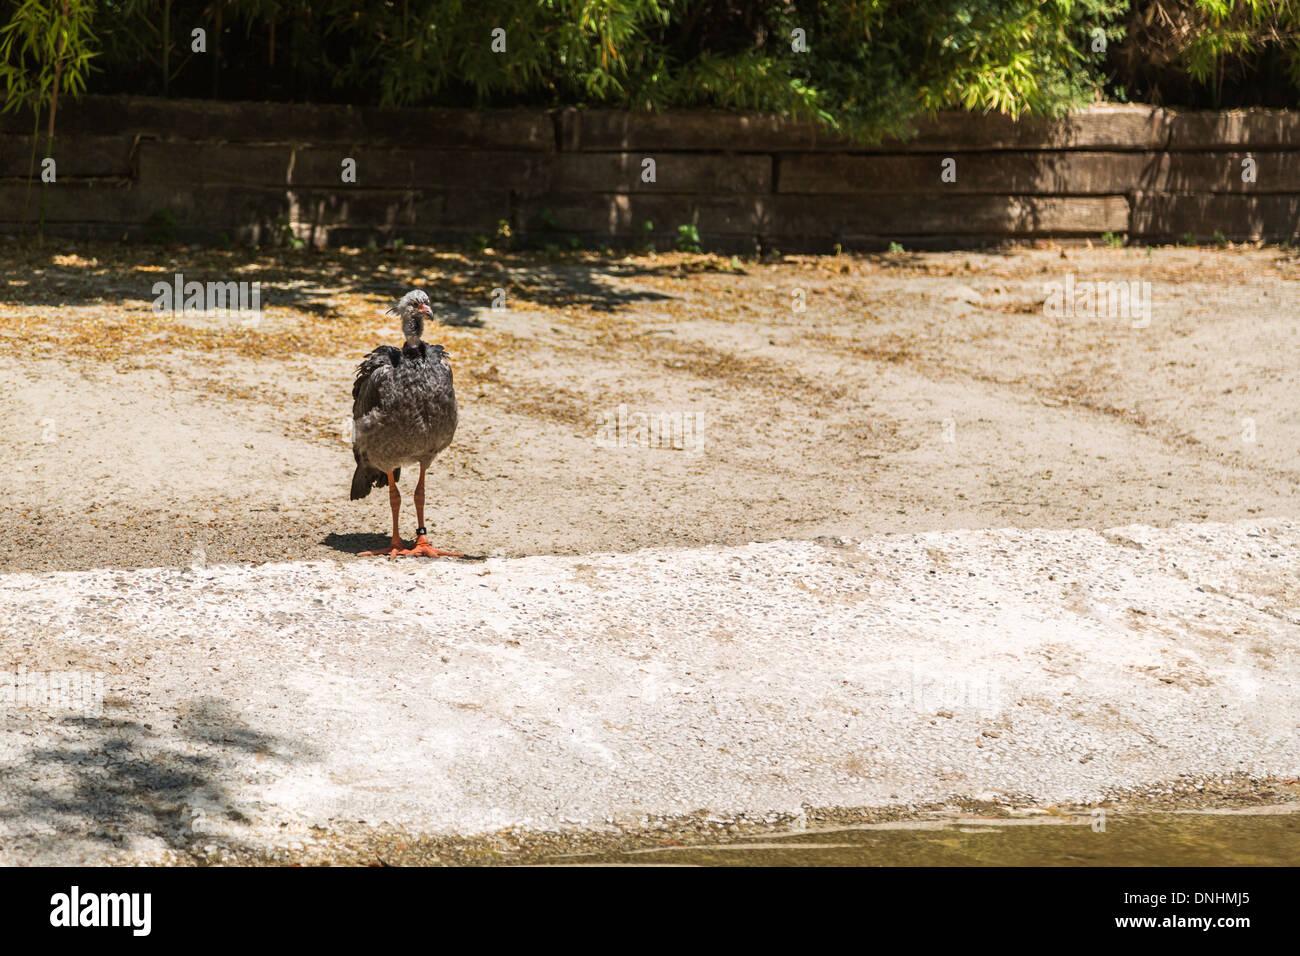 Junge Strauß (Struthio Camelus) in einem Zoo, Zoo von Barcelona, Barcelona, Katalonien, Spanien Stockbild